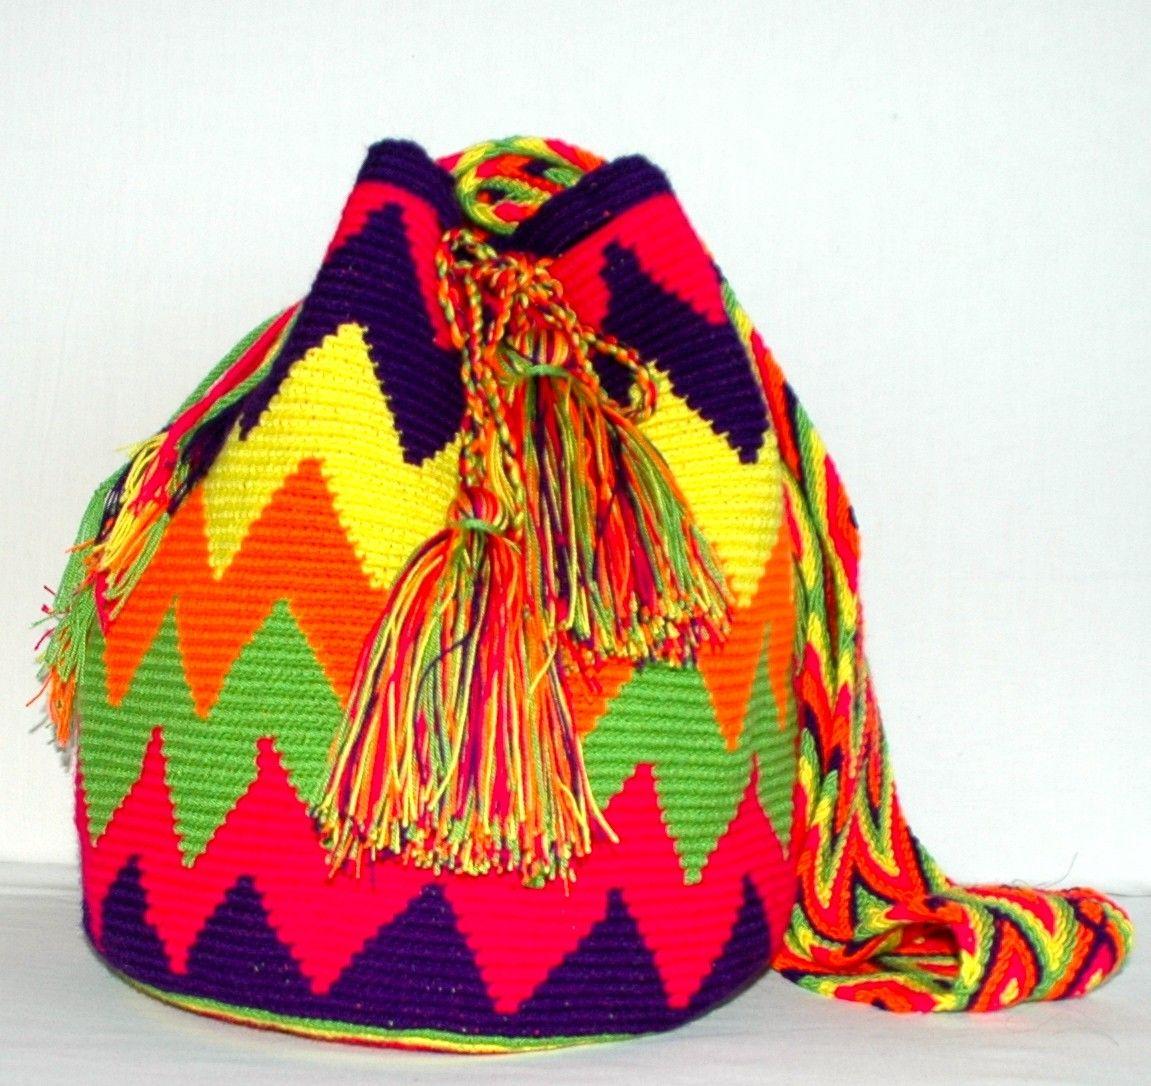 #pendientes#pulseras #telar #egipcio #handmade #wayuu #wayuucolombia #barcelona interesados contactar @ipuanabarcelona